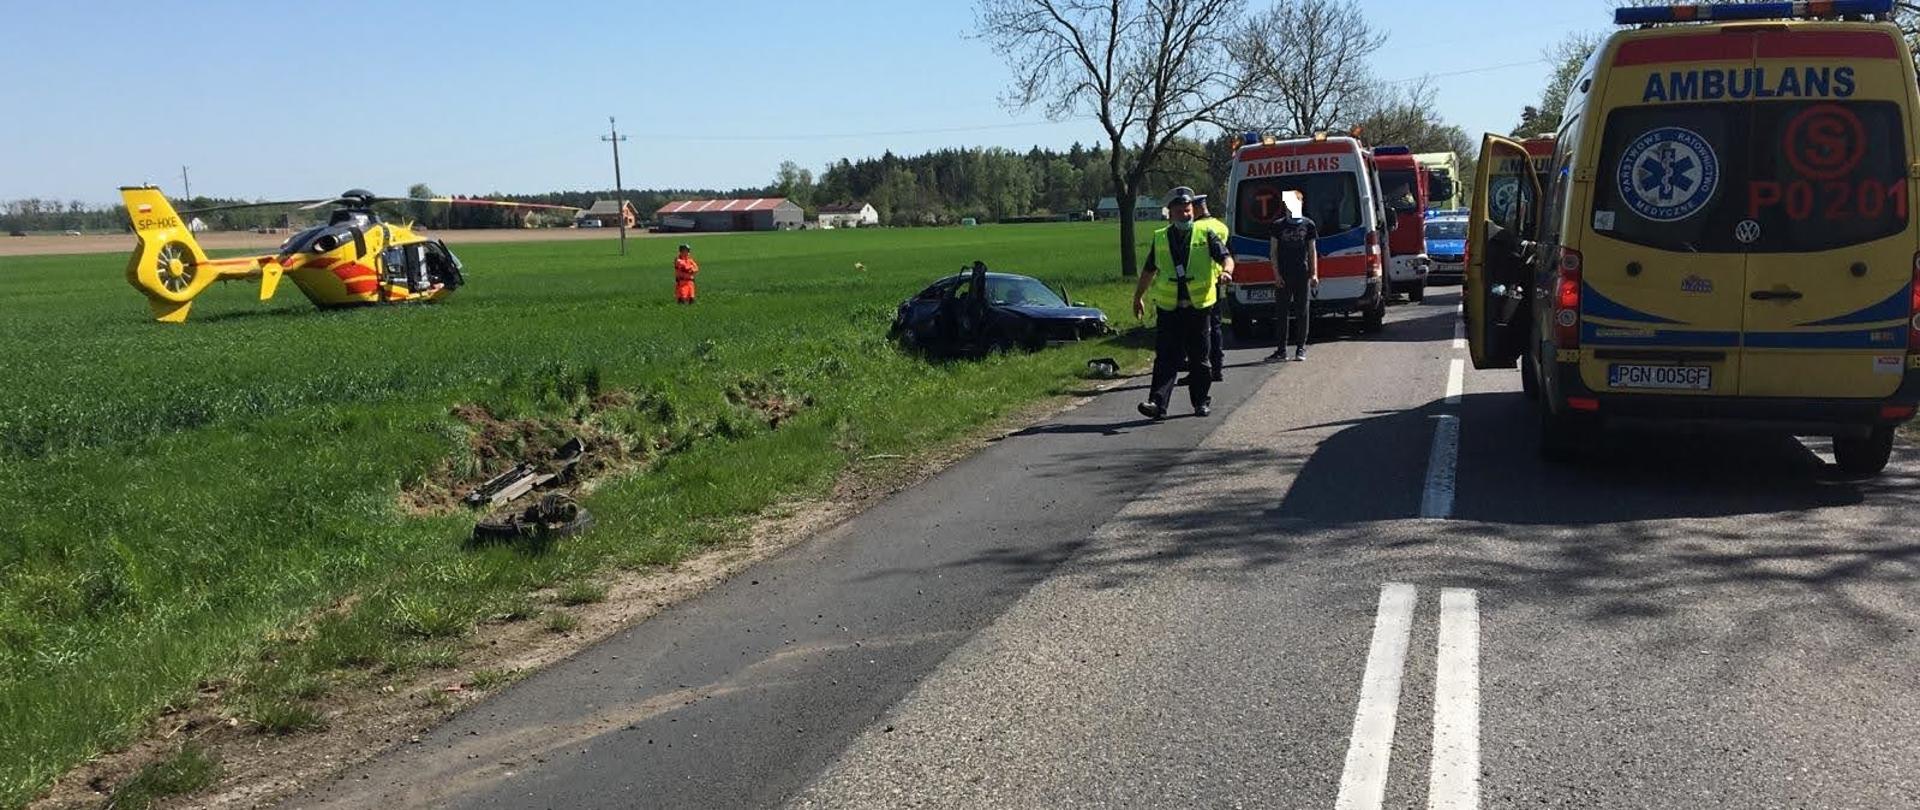 samochód znajduje się w rowie na polu stoi LPR karetki stoją na drodze